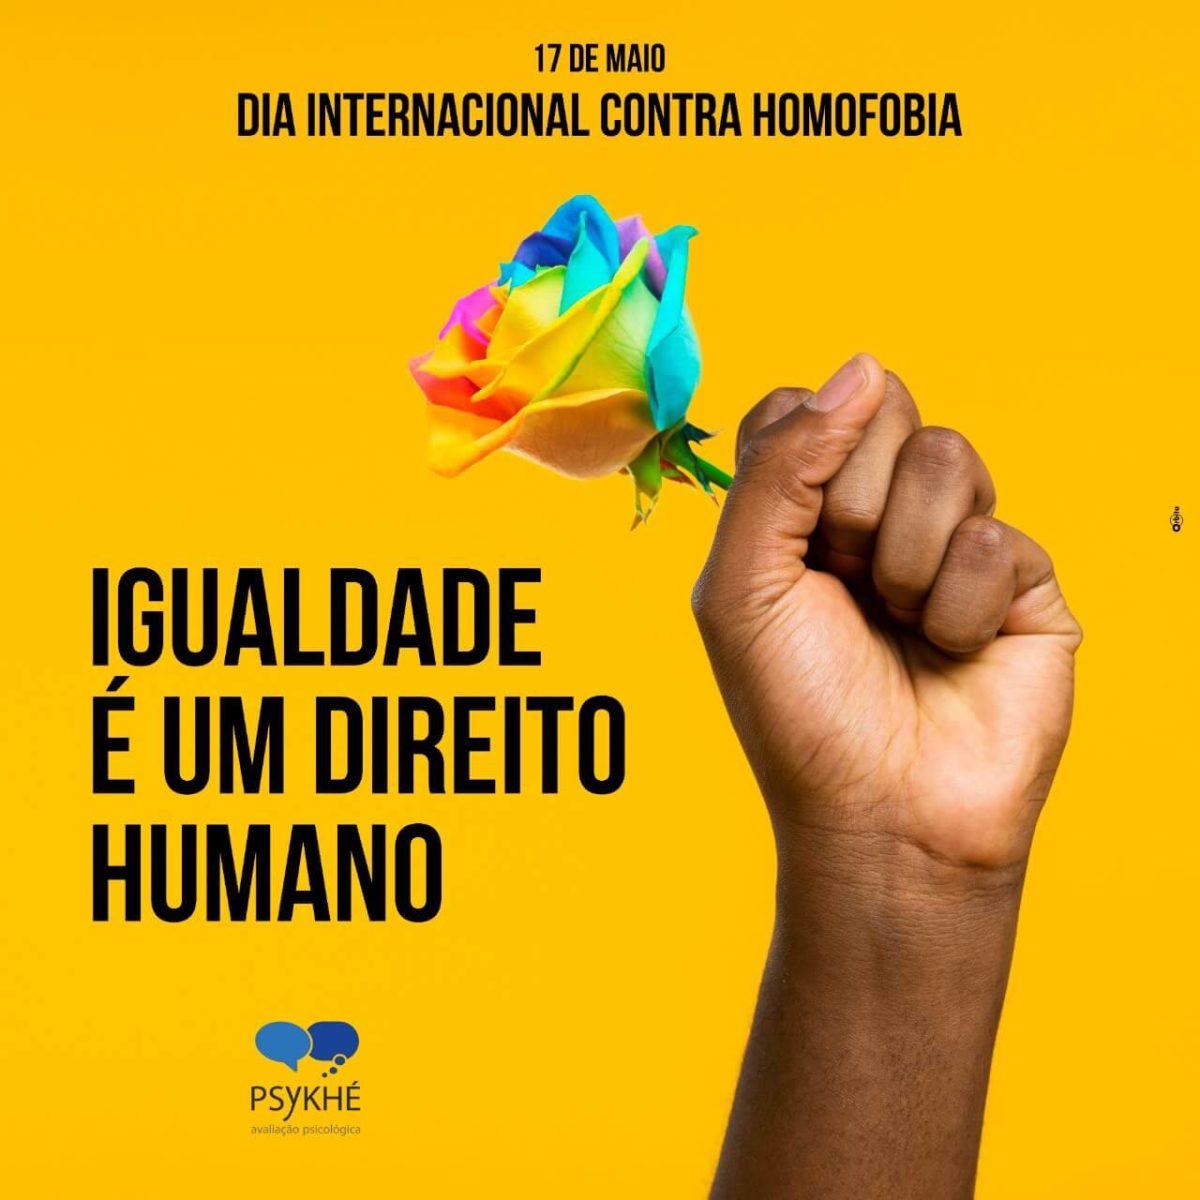 Dia-Internacional-contra-a-Homofobia-2020-1-1200x1200.jpg